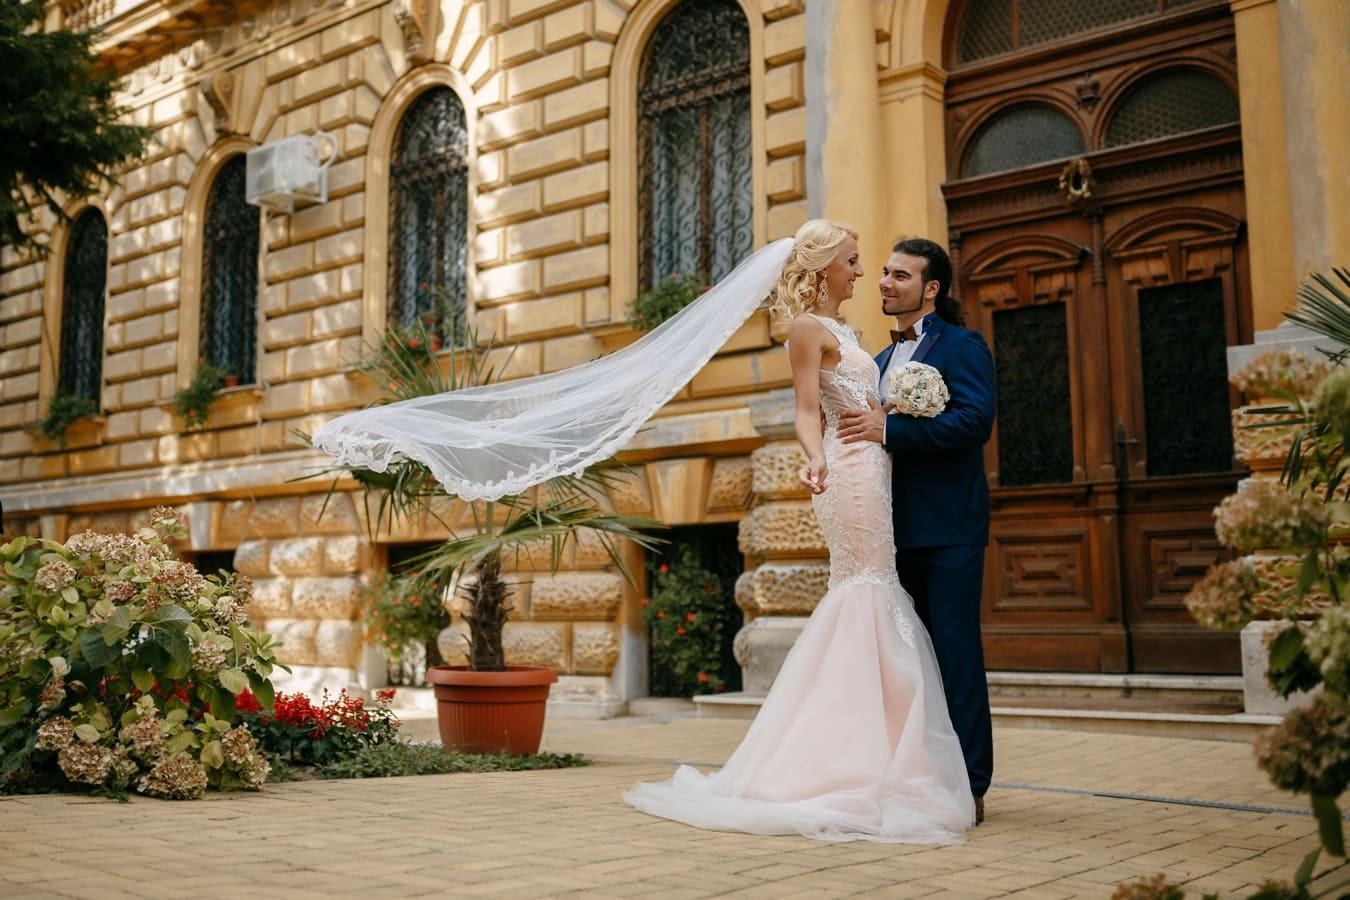 robe de mariée, jeune marié, tout juste marié, la mariée, bonne humeur, charme, mode, mariage, mariage, amour